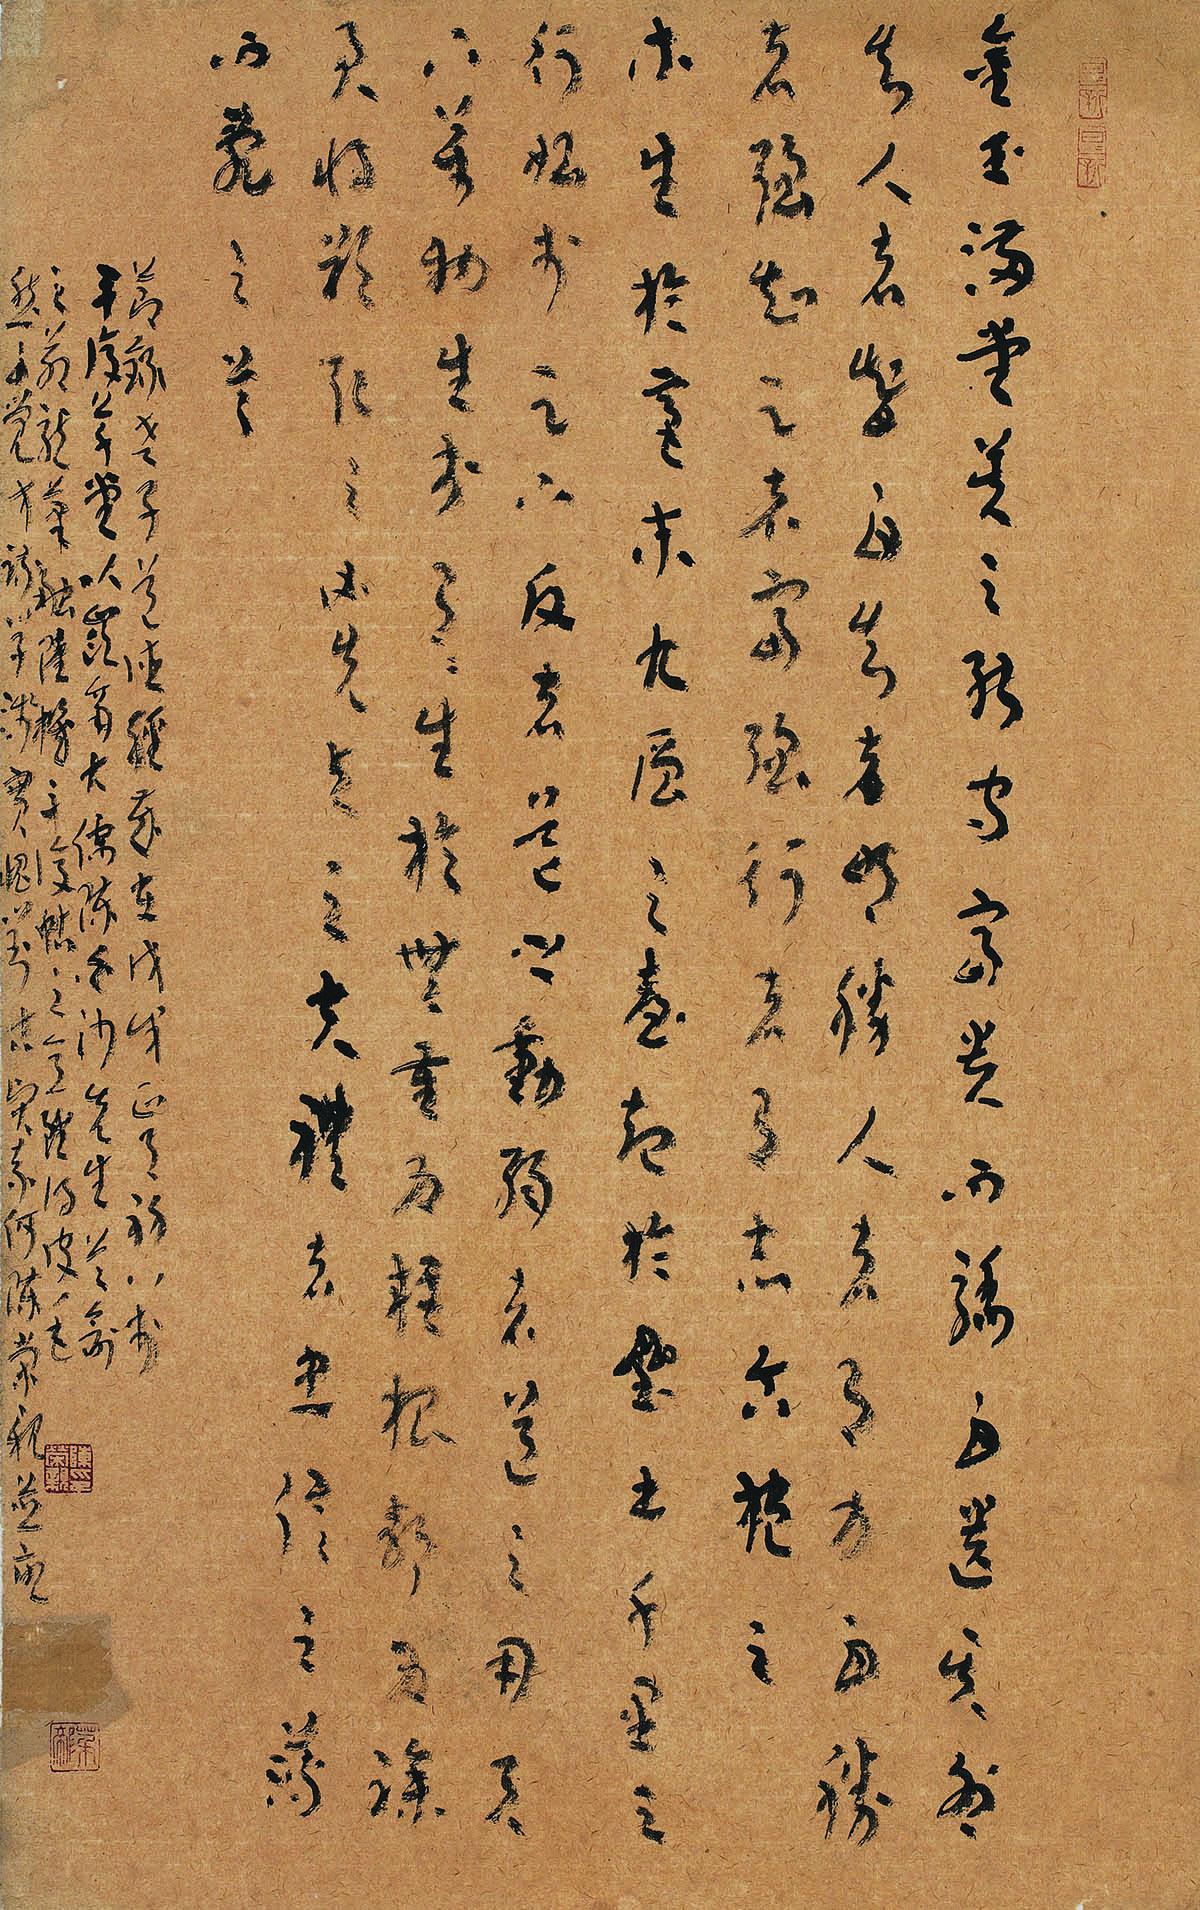 008陈荣亲-行书竖幅-从善如流和《道德经》节选